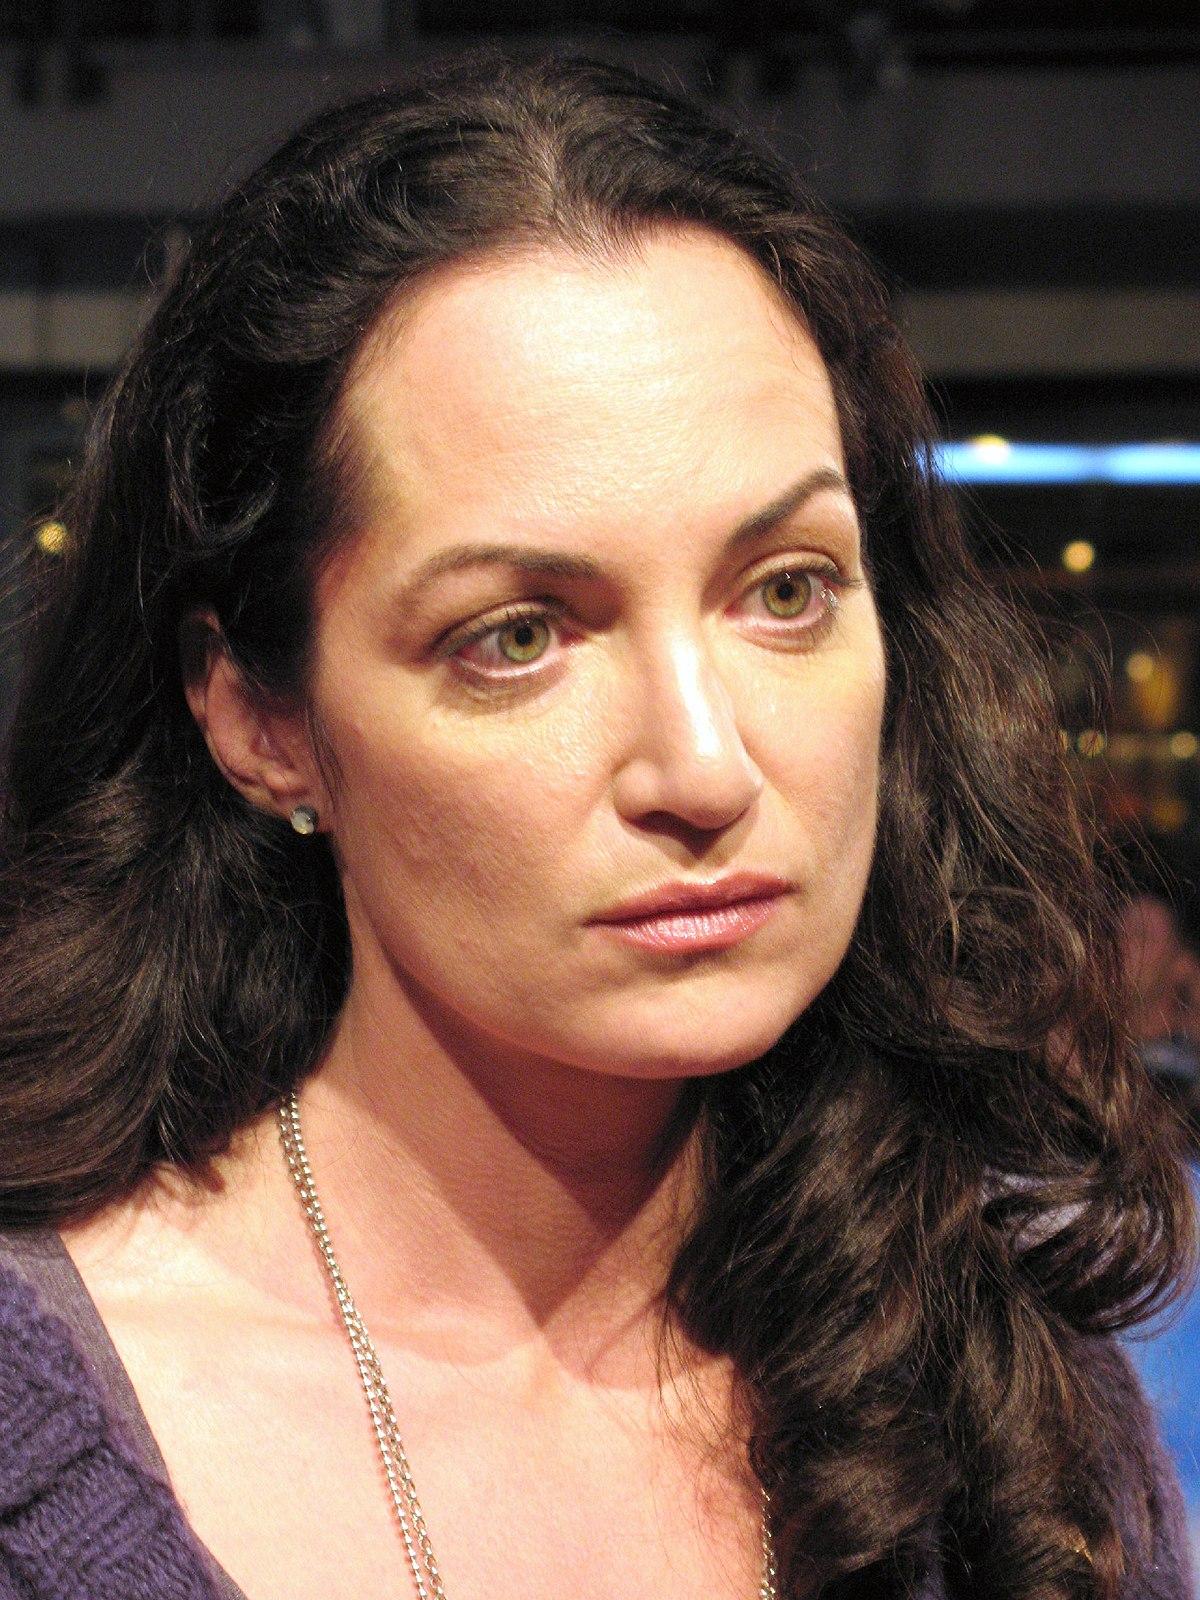 Natalia Woerner